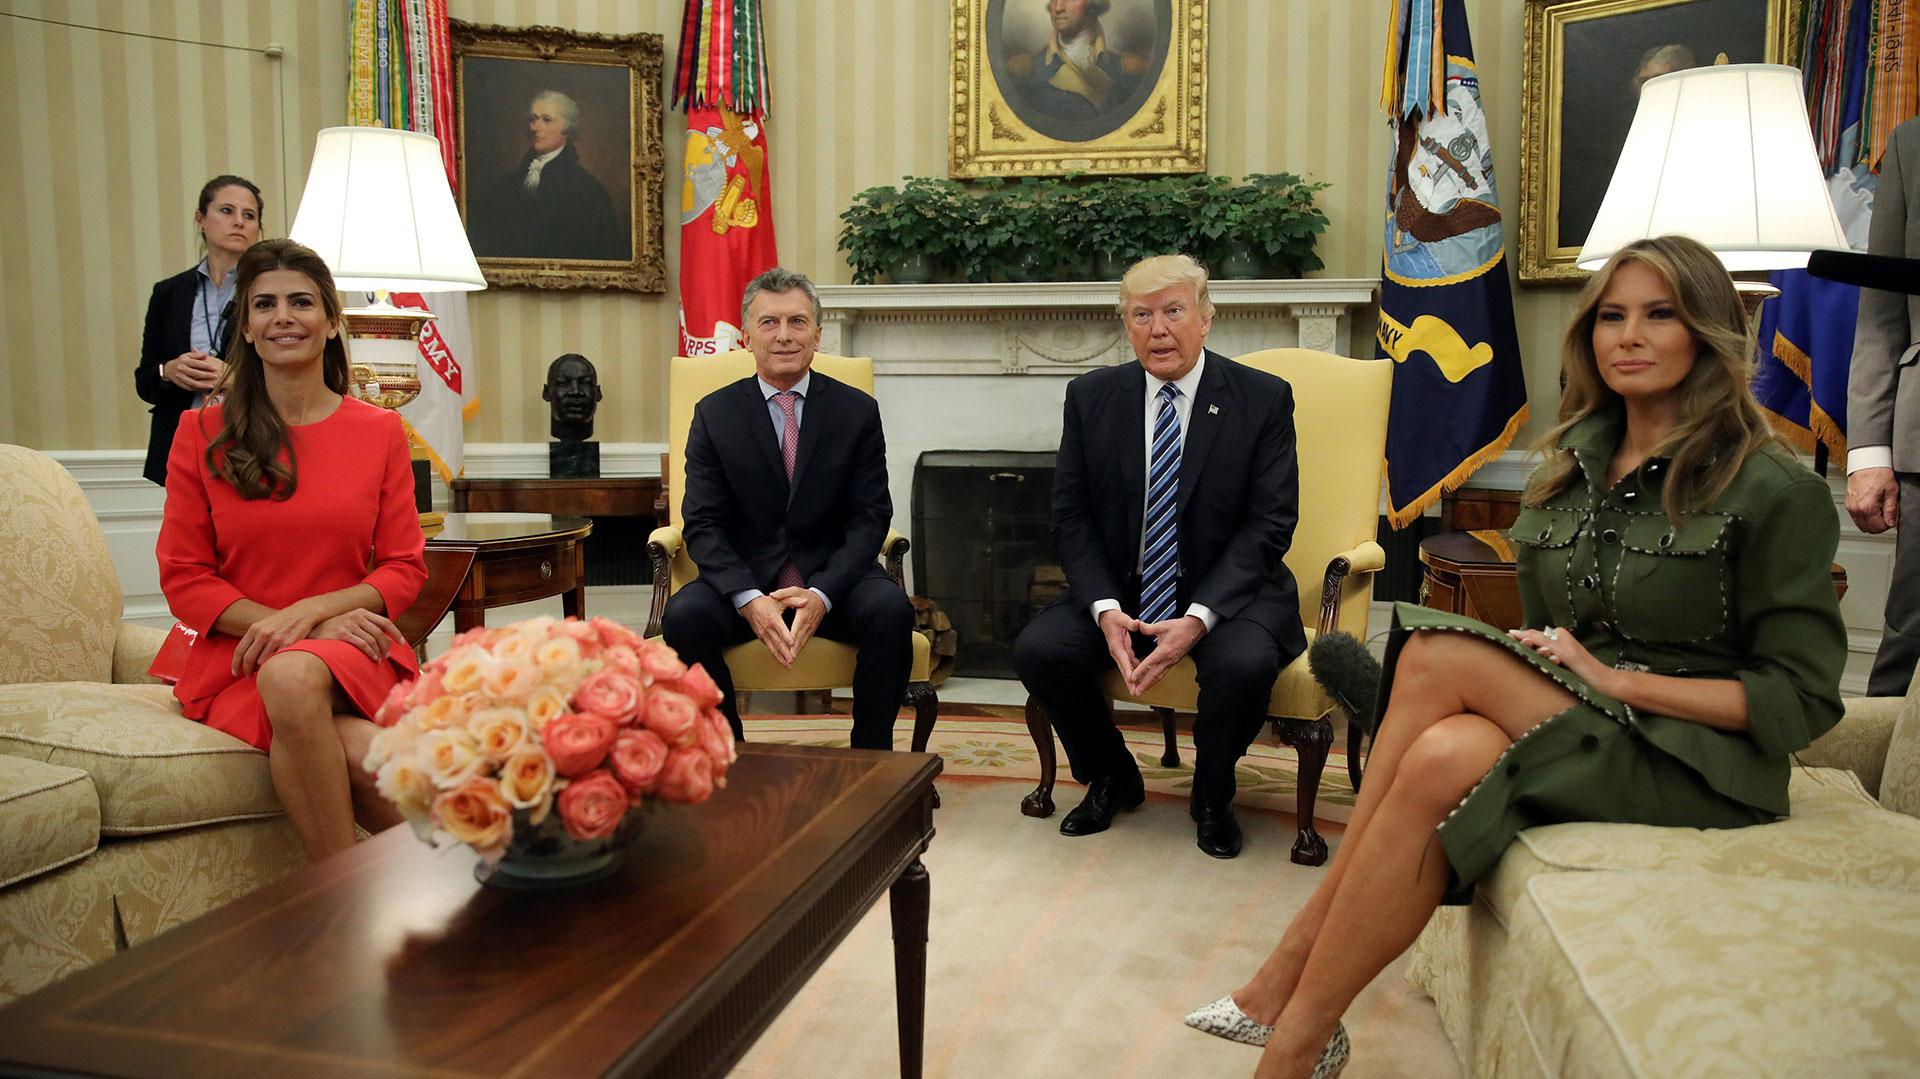 El Partido Demócrata perdió en las elecciones norteamericanas, pero Macri es un hombre de suerte. Aunque apostó por la victoria de Hillary Clinton, tenía una importante relación previa con Donald Trump. A los pocos meses, fue en visita oficial a Washington D.C. con Juliana Awada.